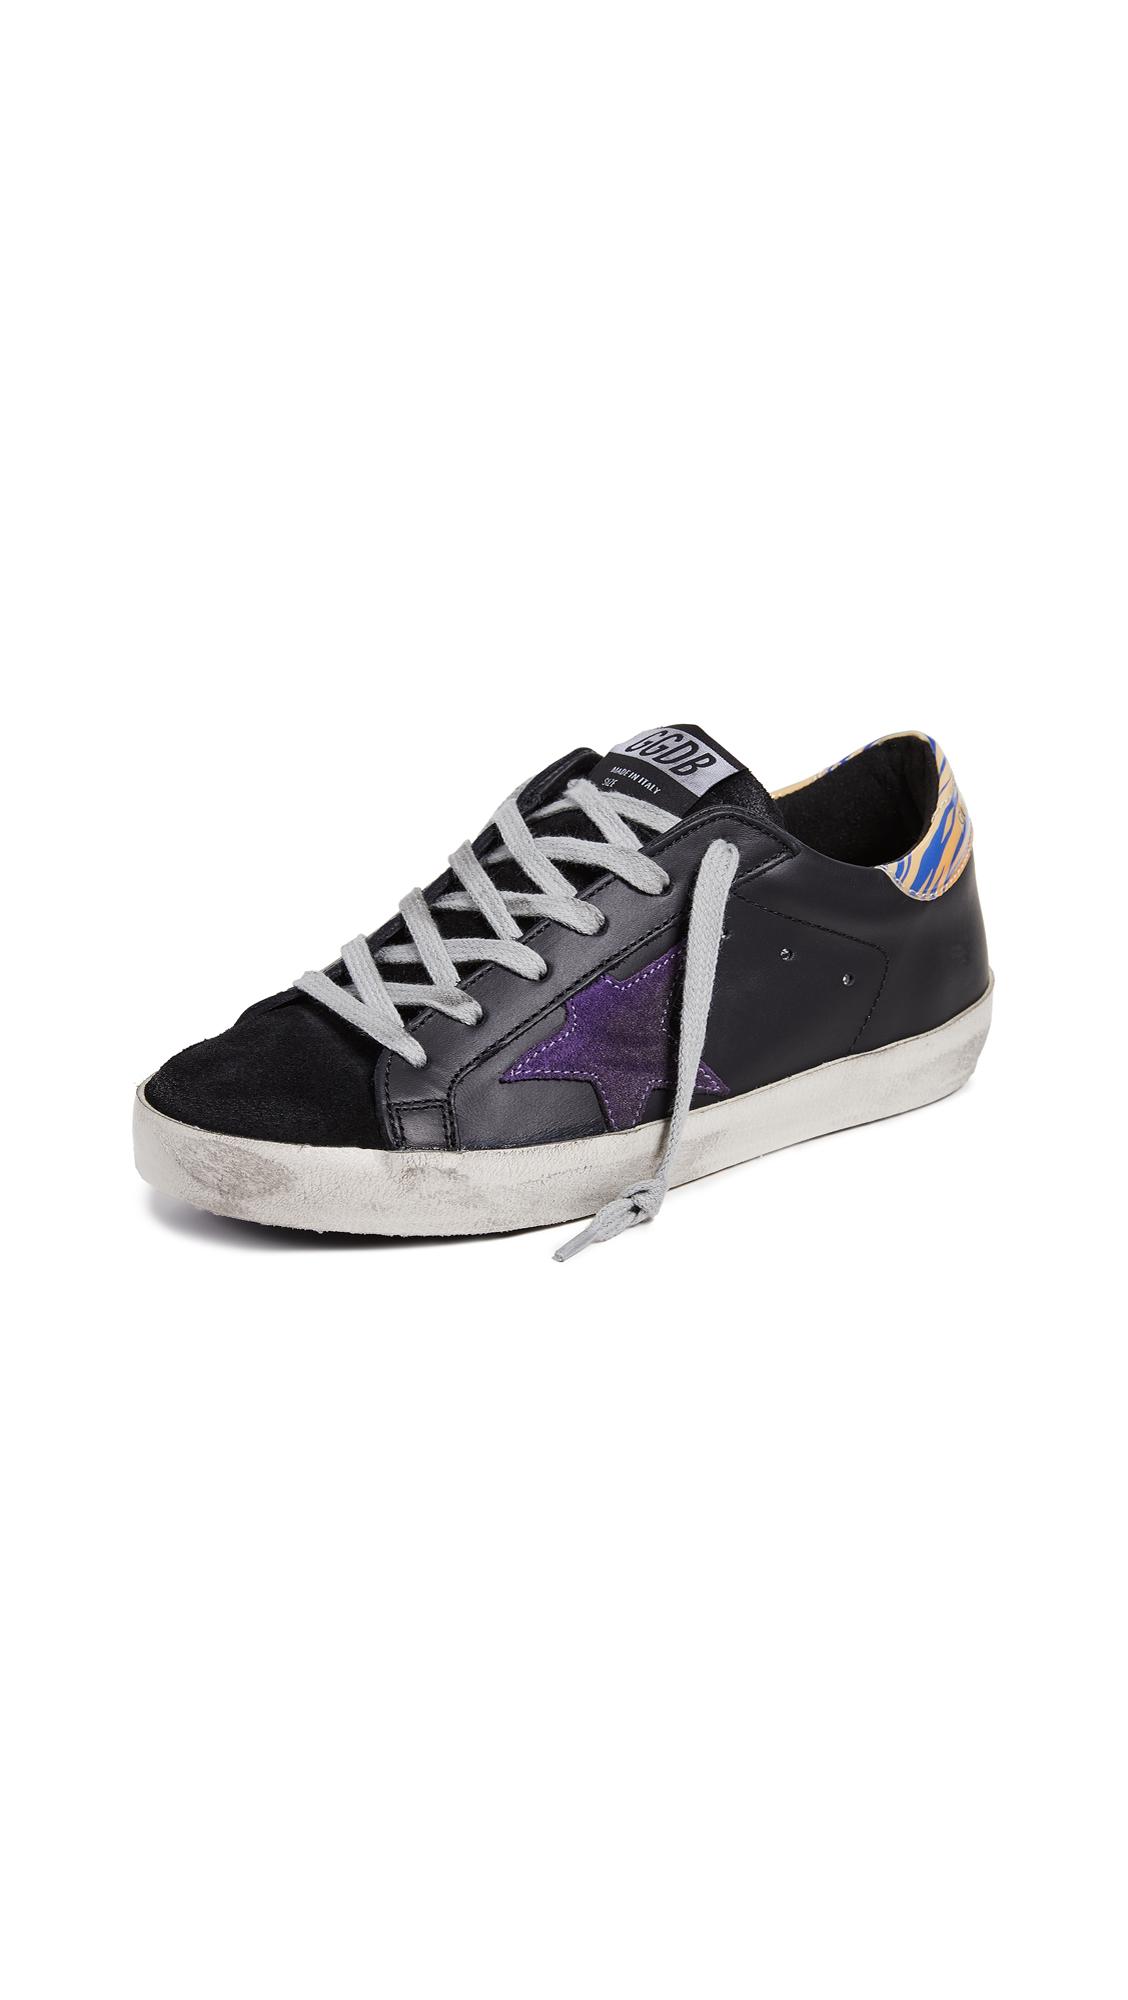 Golden Goose Superstar Sneakers - Black/Purple Zebra